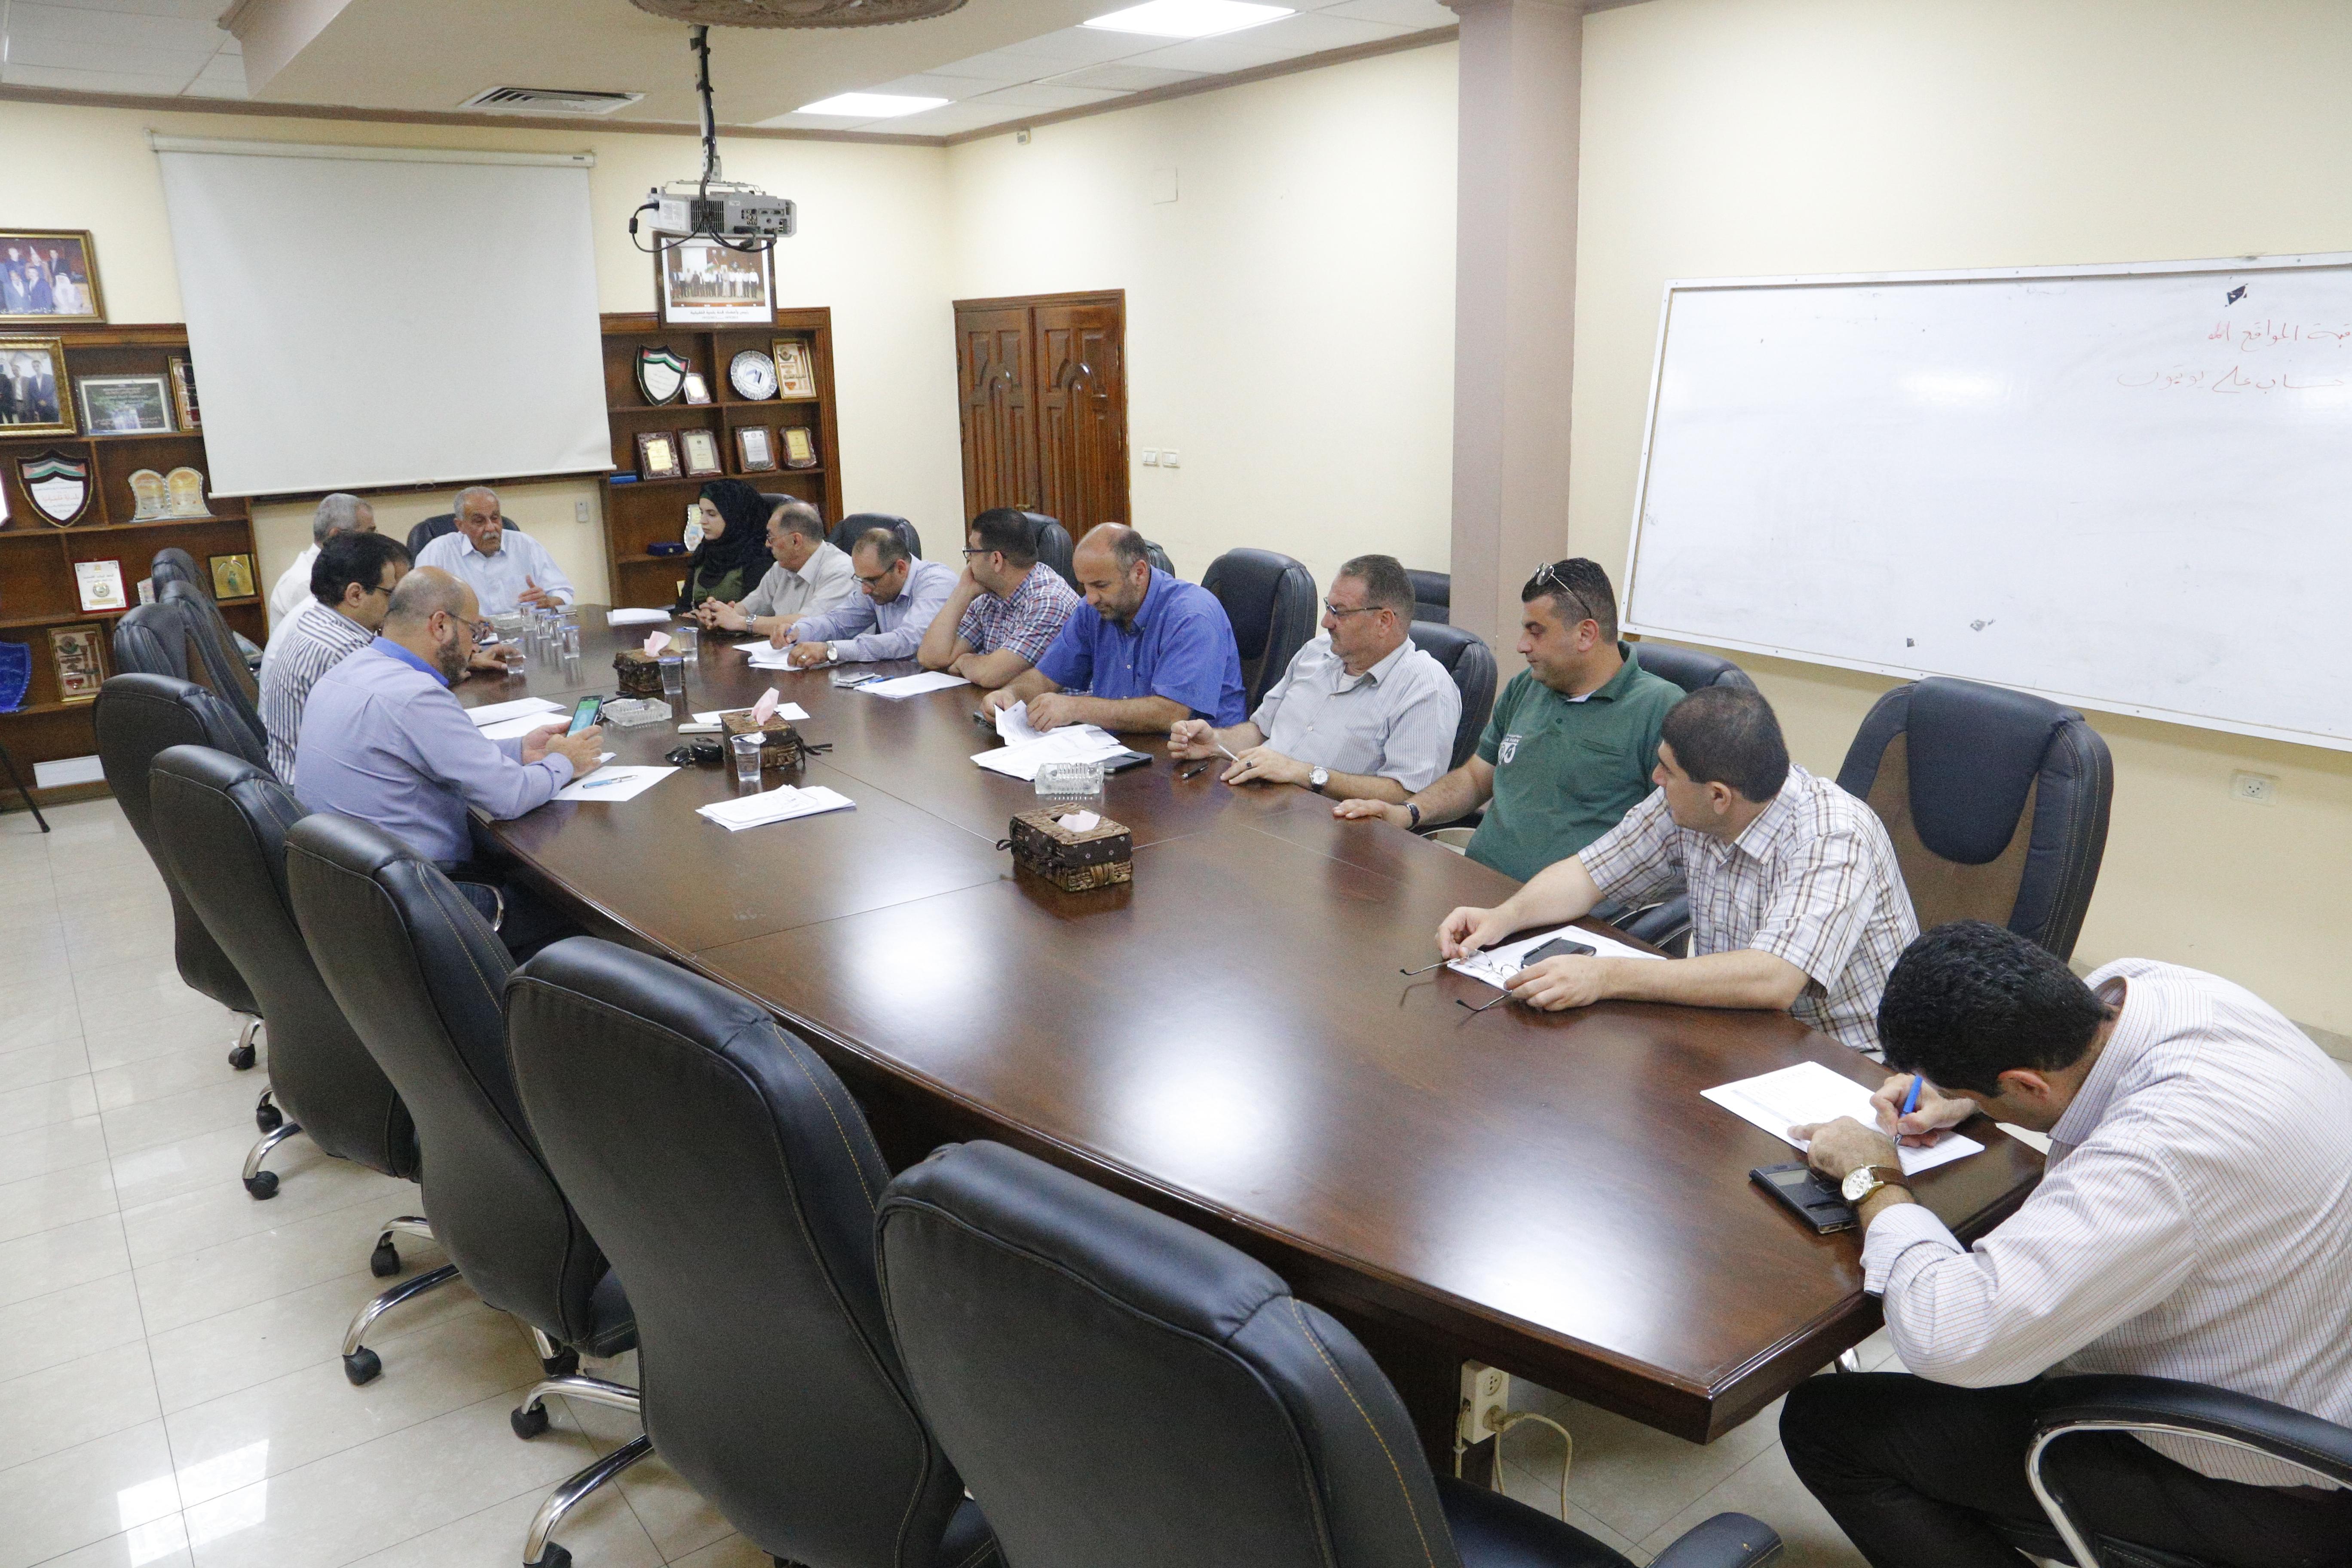 اجتماع المجلس الاقتصادي للتنمية المحلية